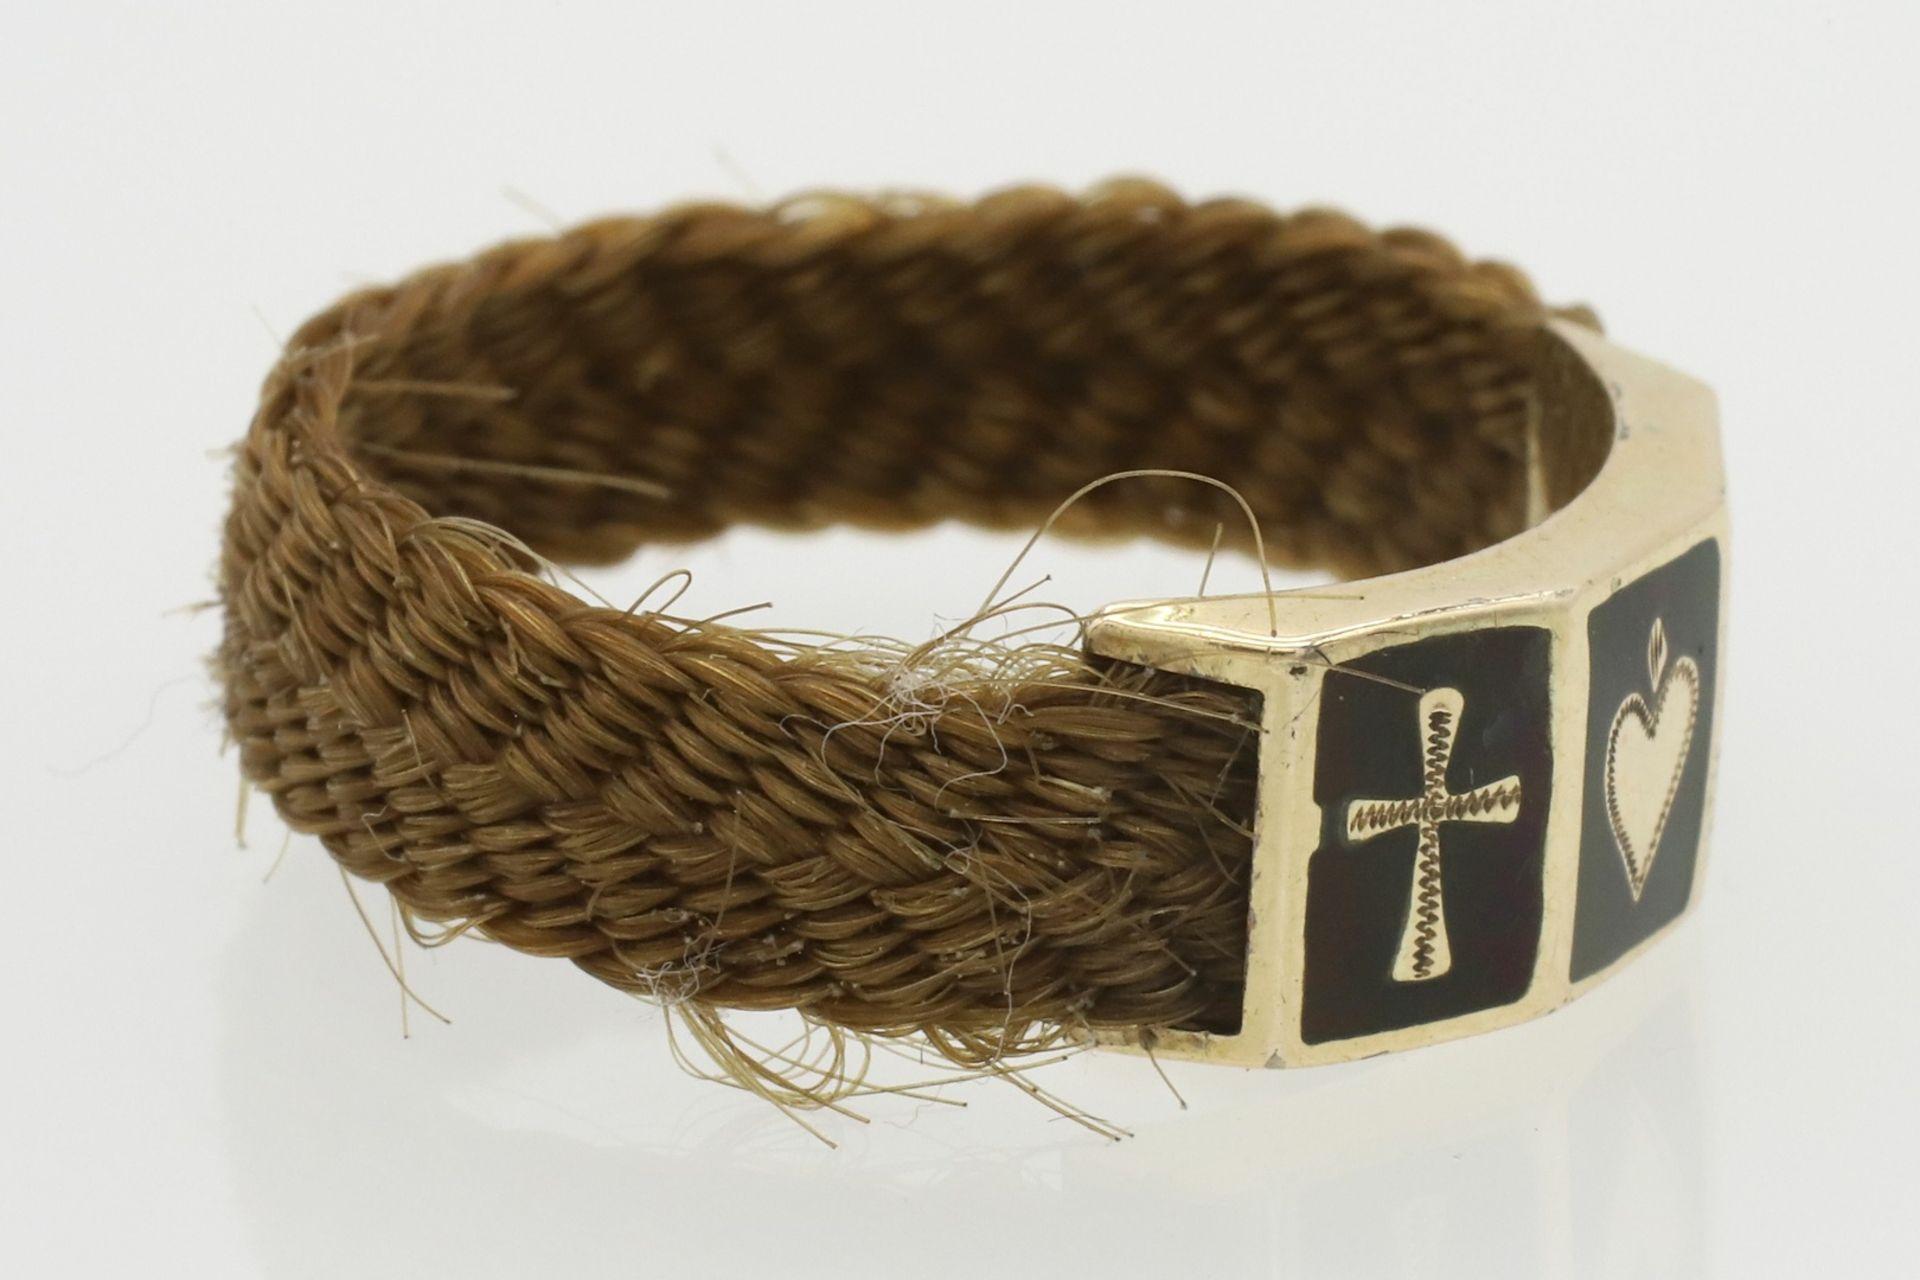 Biedermeier Haarring mit Glaube, Liebe, Hoffnung Symbolik - Bild 3 aus 5